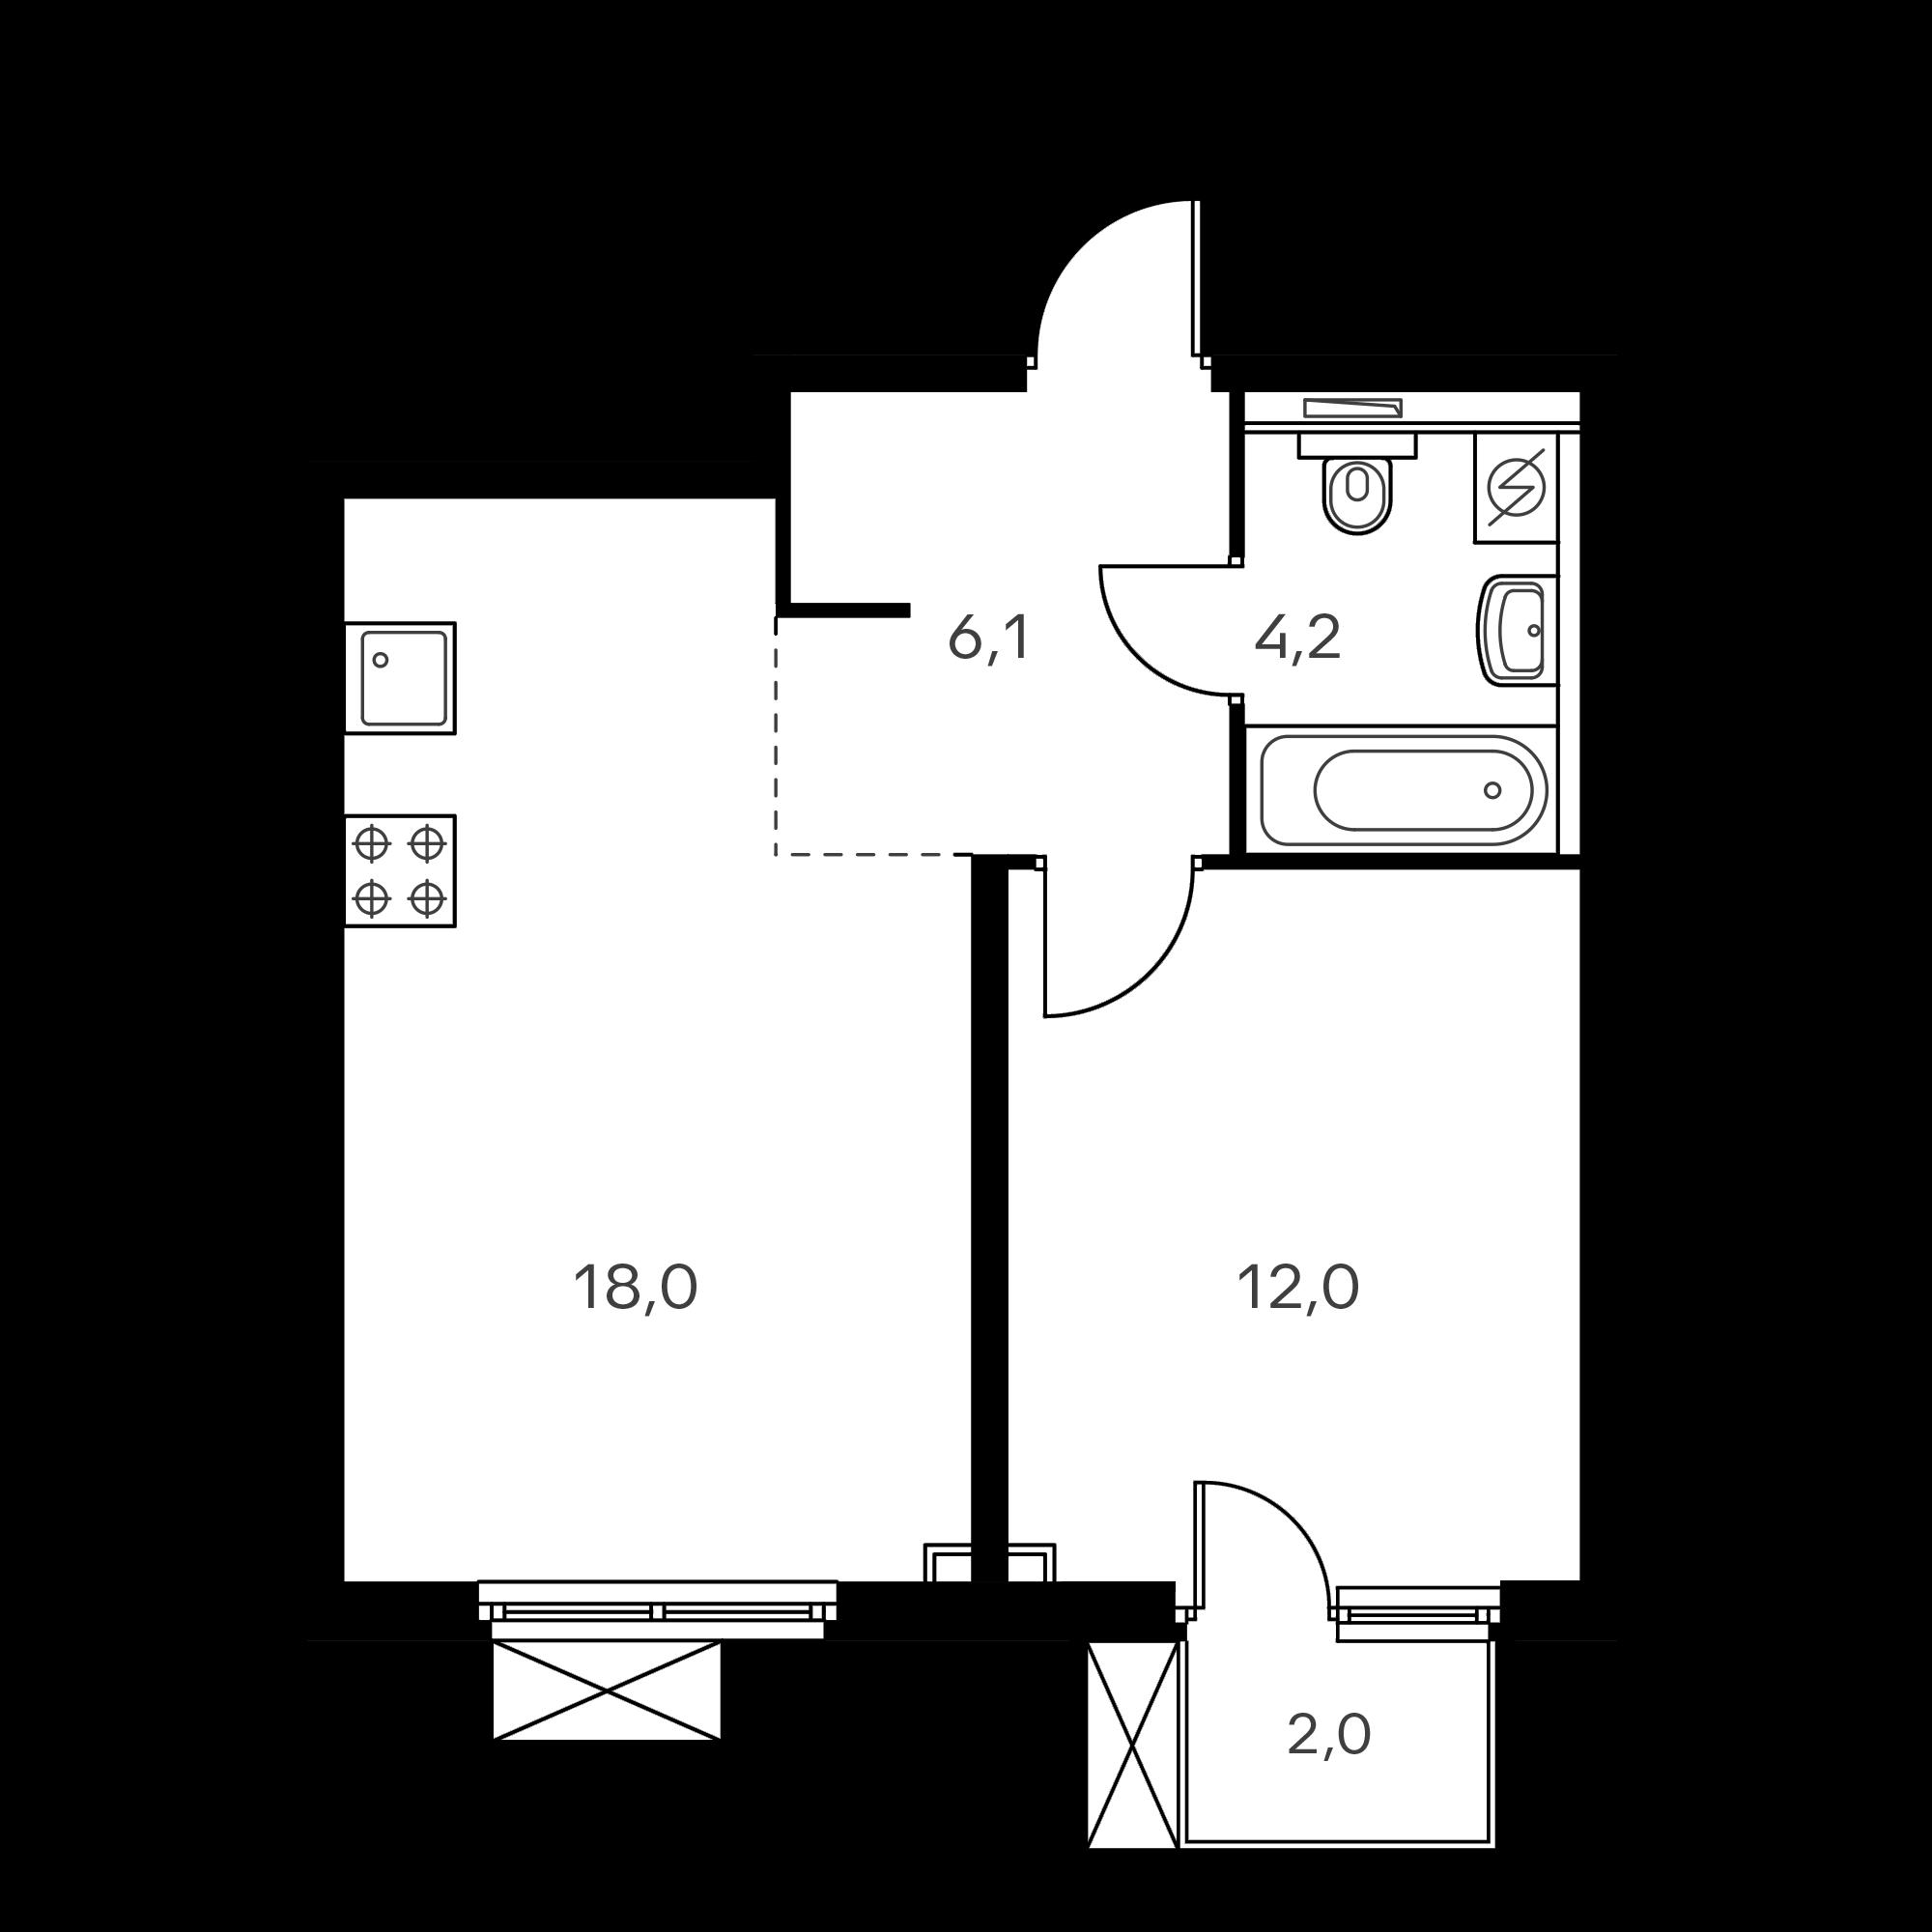 1EM3_6.9-1_B(R1-2,0)